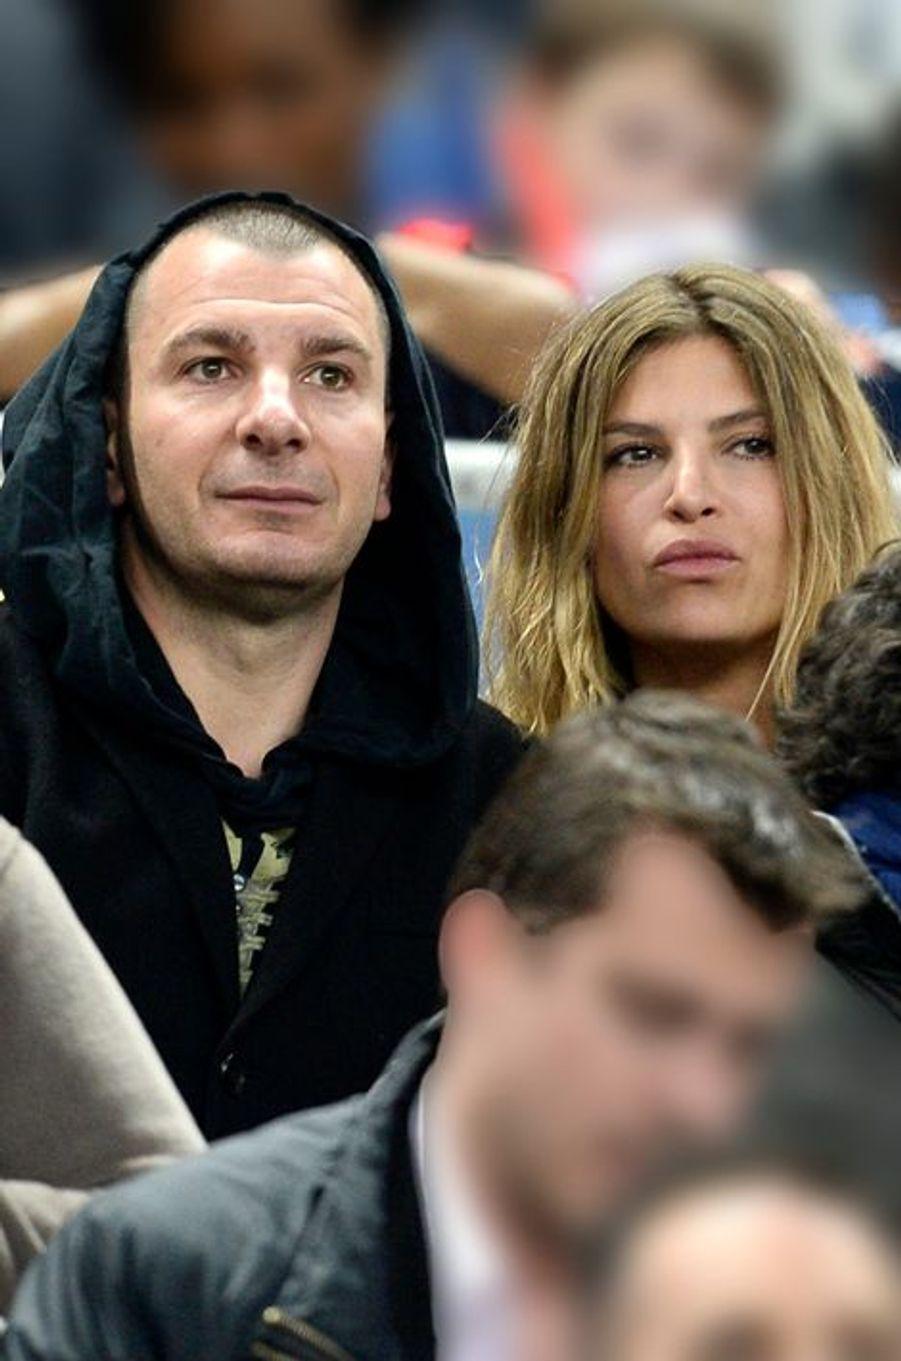 Michael Youn et Isabelle Funaro au Stade de France, le 11 avril 2015